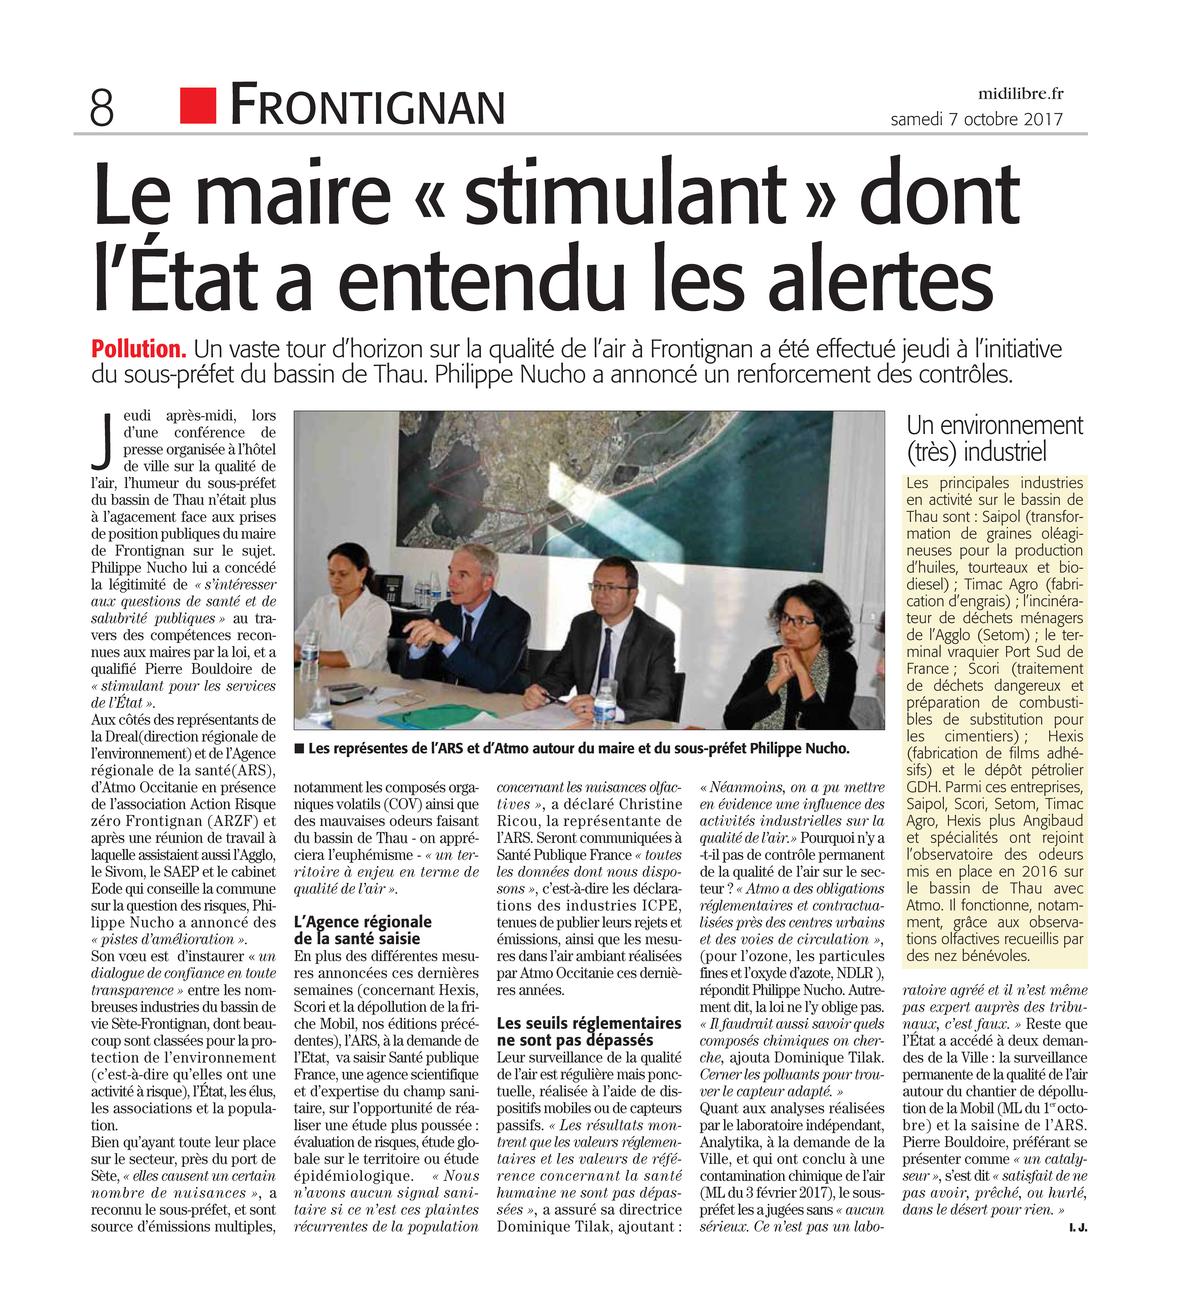 """07.10.2017 > MIDI-LIBRE : """"Le Maire « stimulant » dont l'État a entendu les alertes"""""""